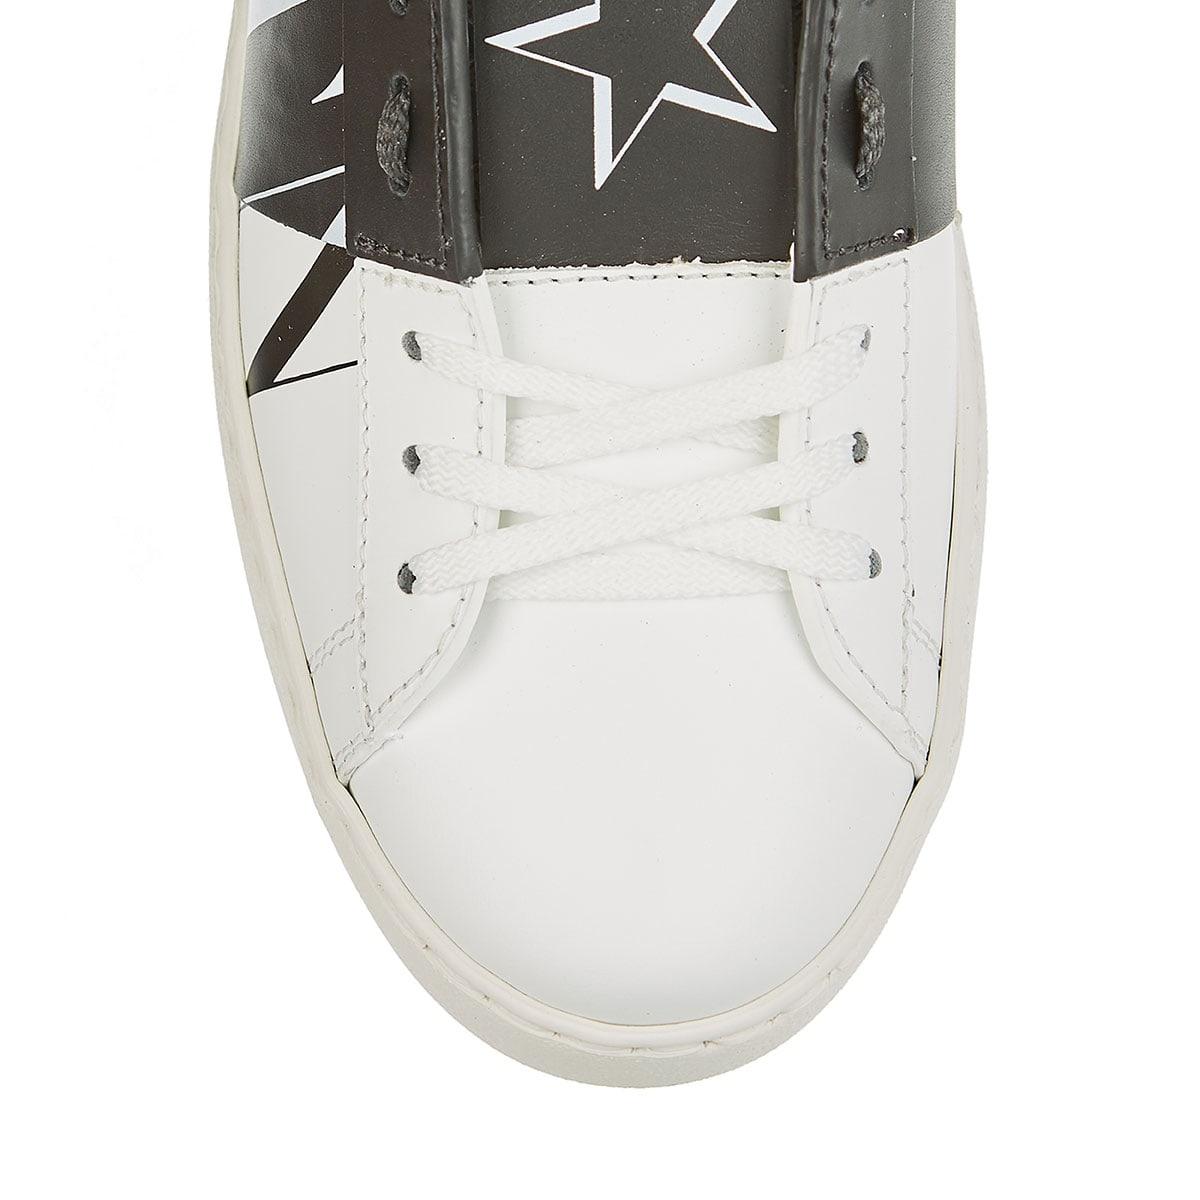 VLTN Open leather sneakers